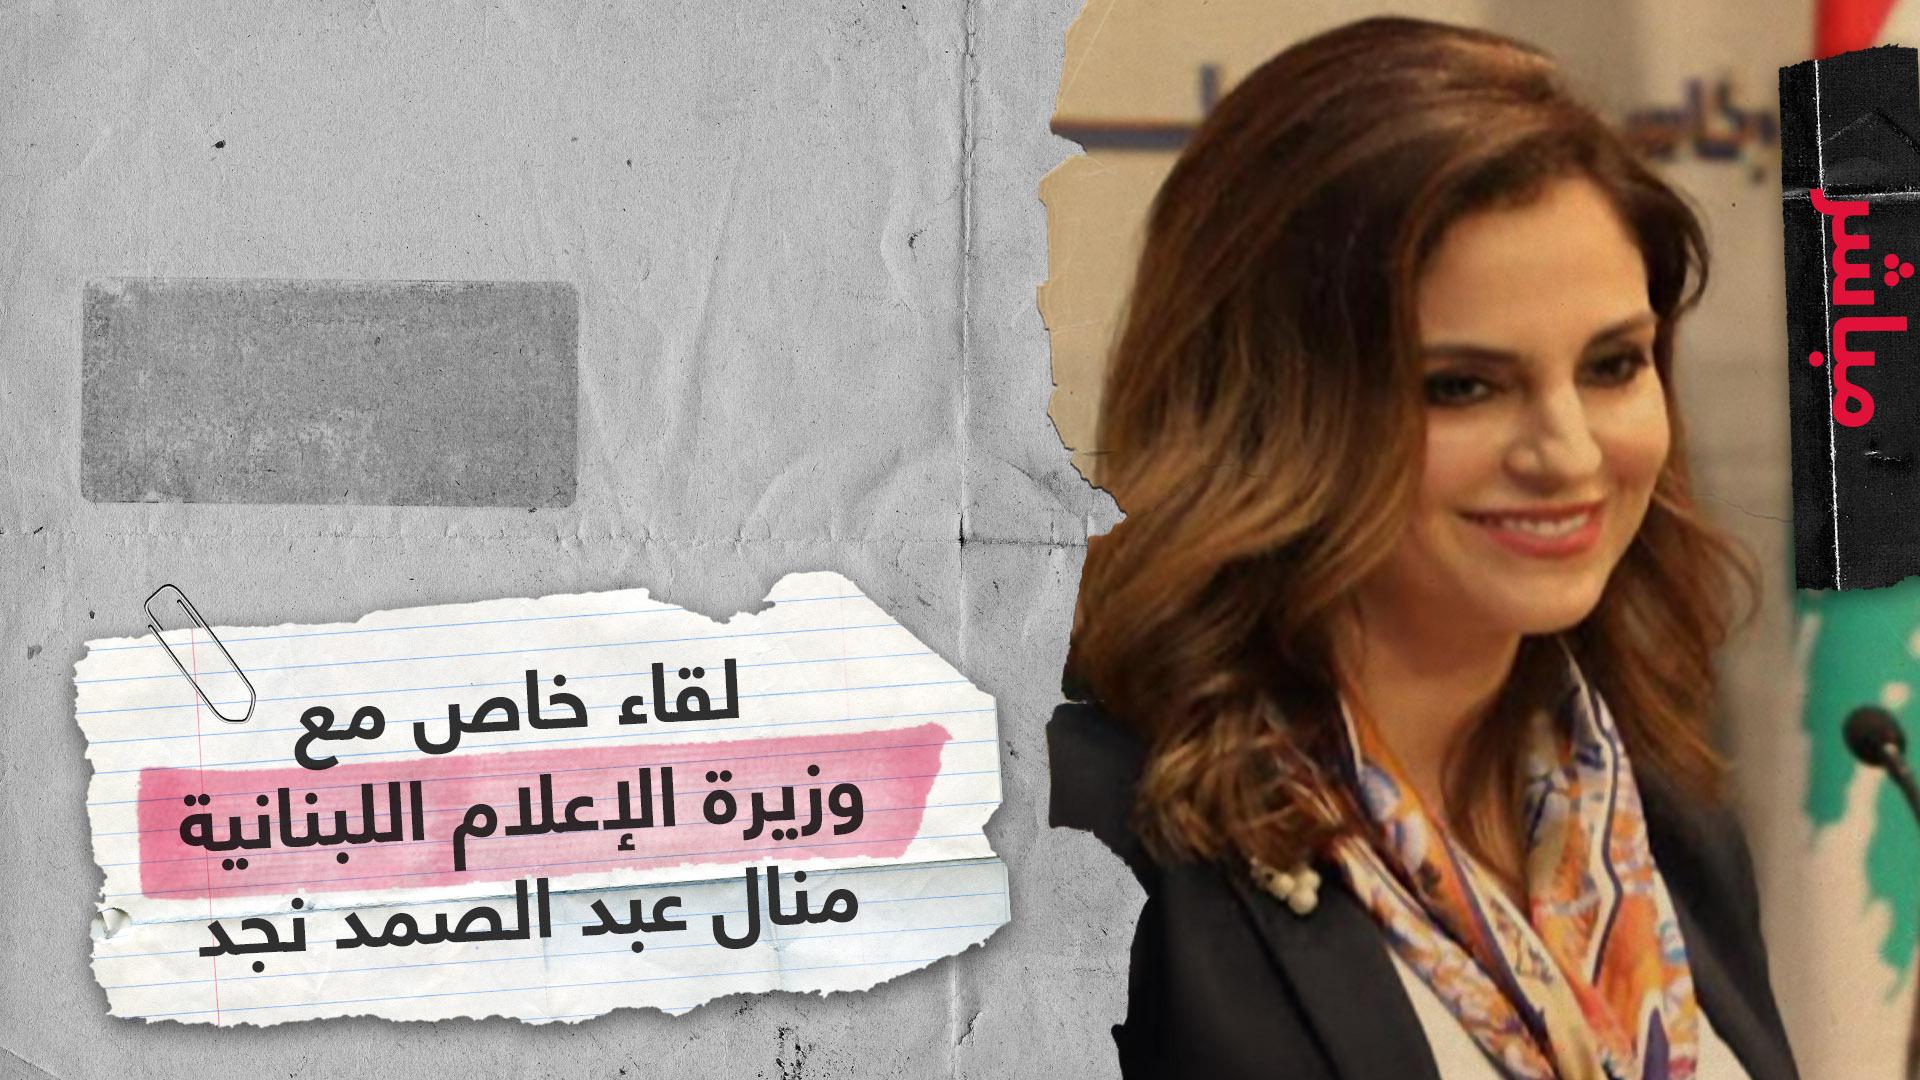 وزيرة إعلام لبنانية شابة.. كيف ستتفاعل مع مطالب الشباب؟